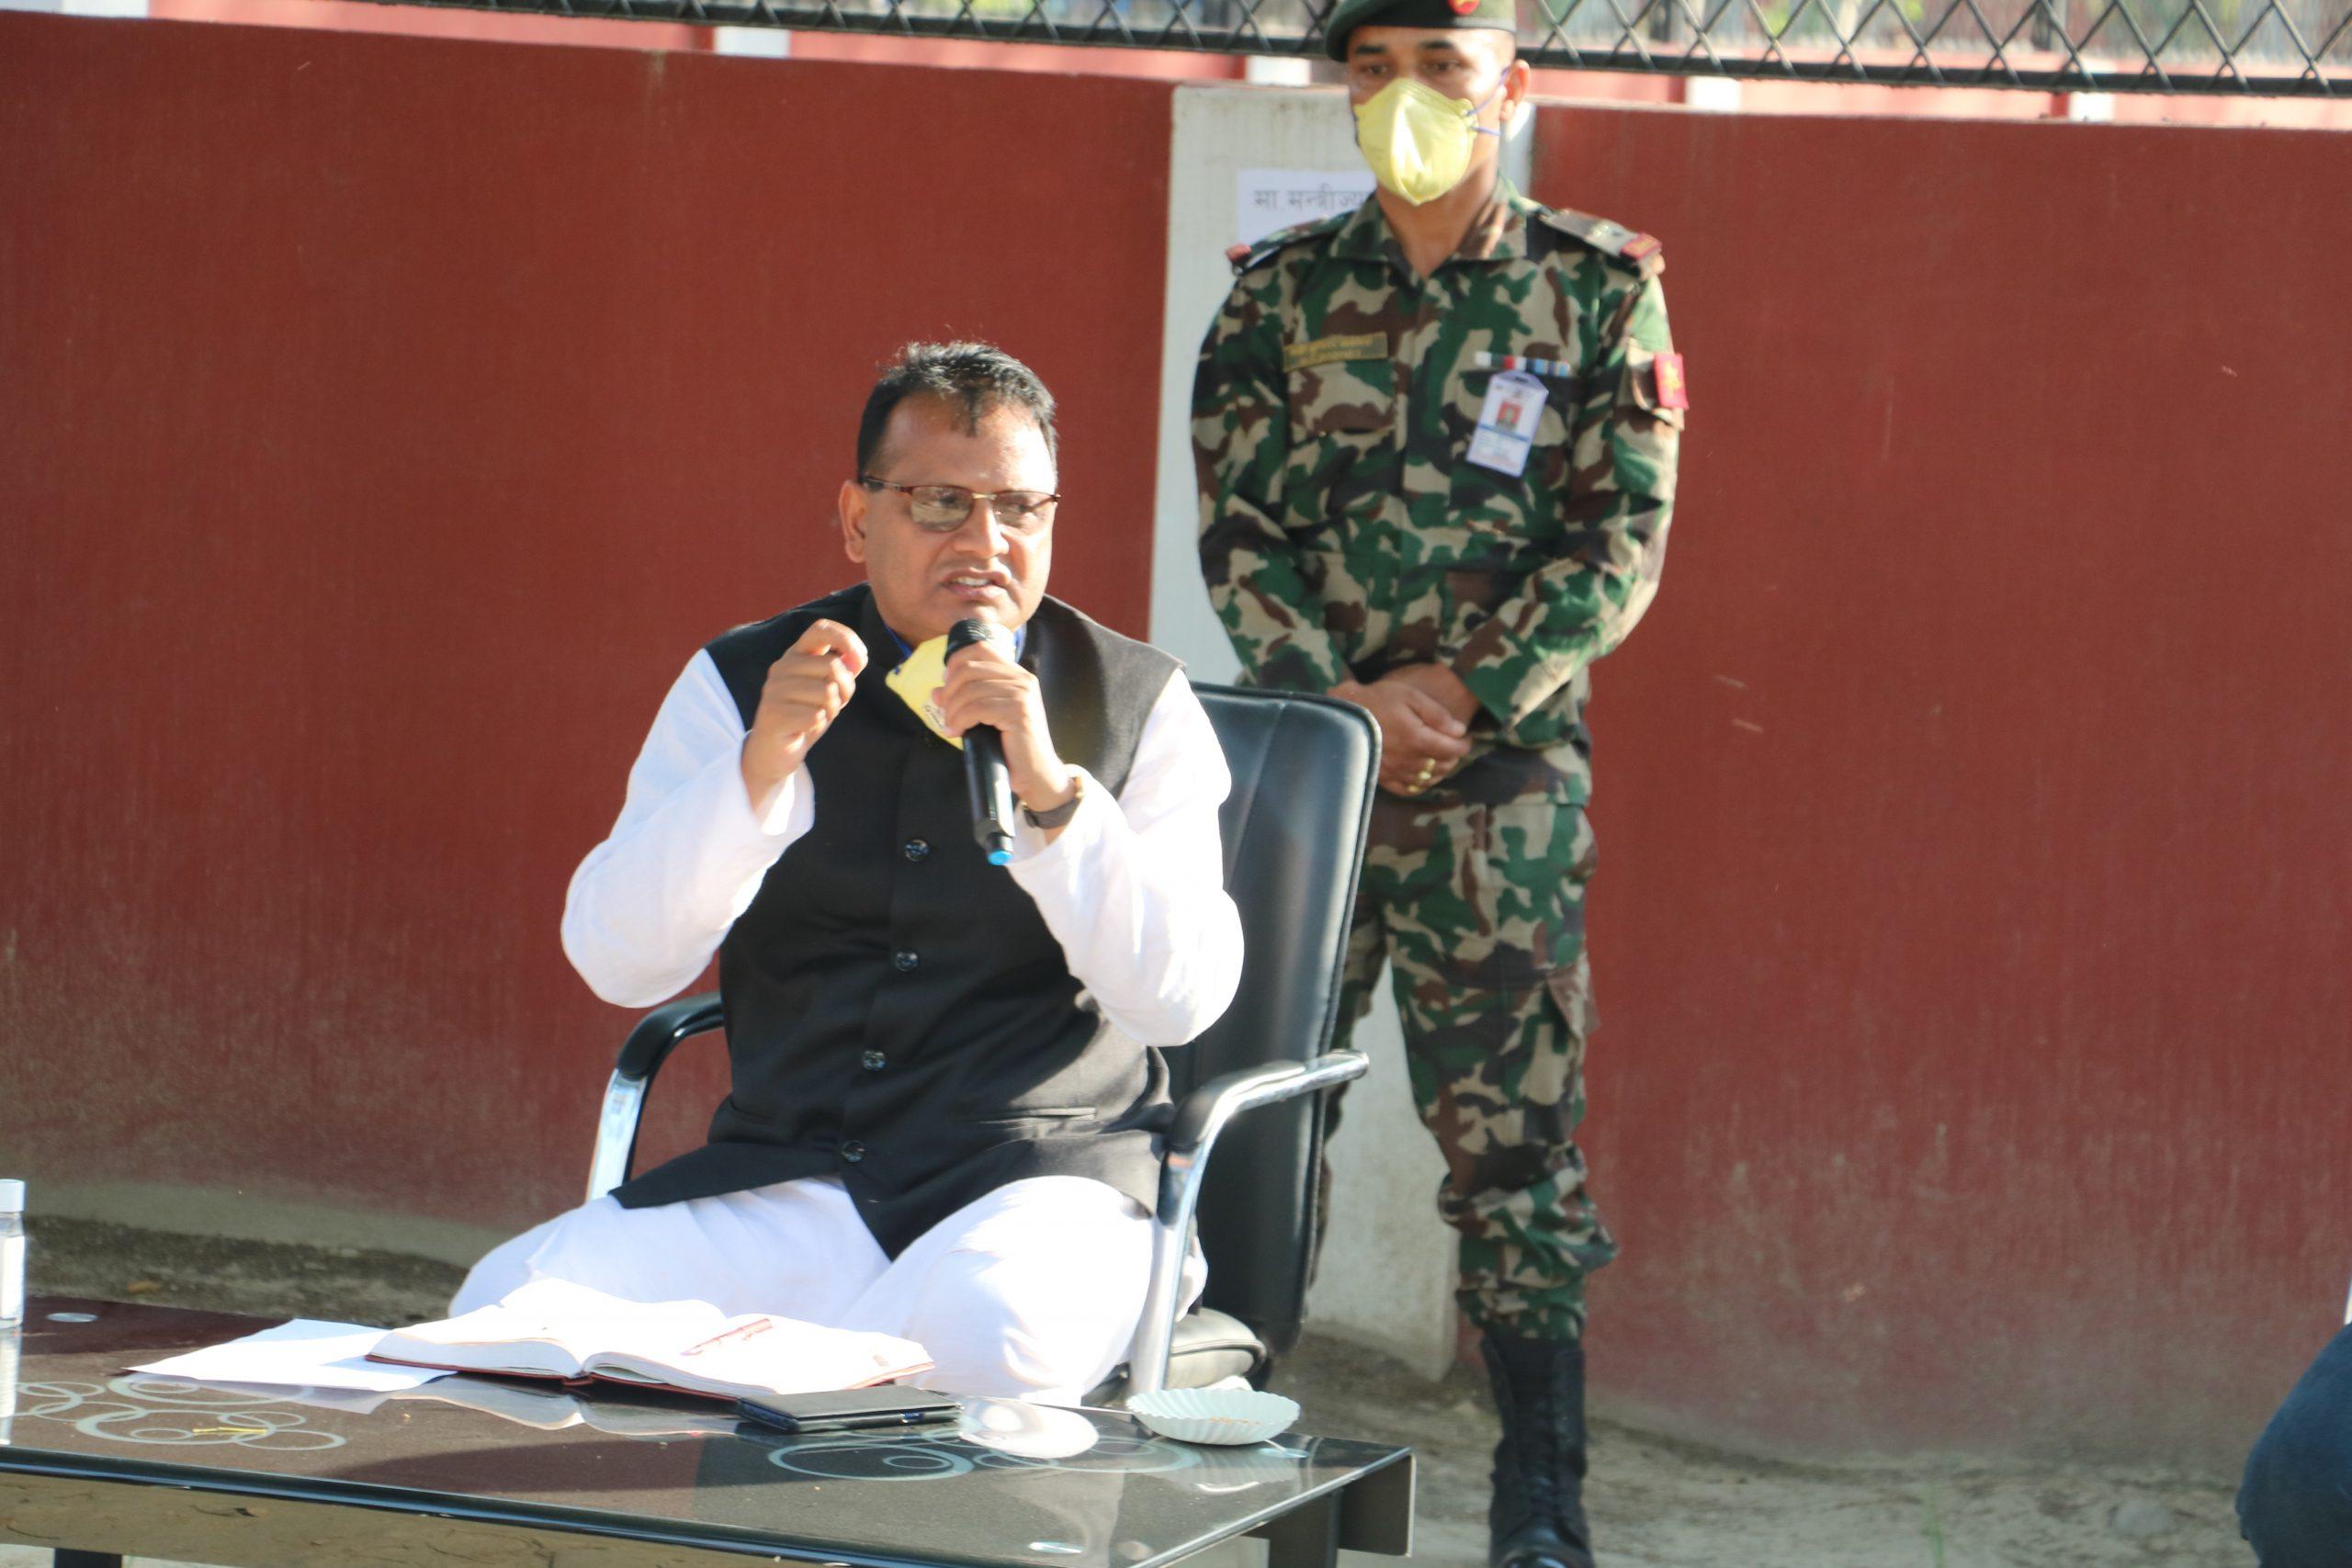 प्रदेश सरकारले रोजगारी गुमाएकालाई गाउँमै काम दिने : मुख्यमंत्री राउत